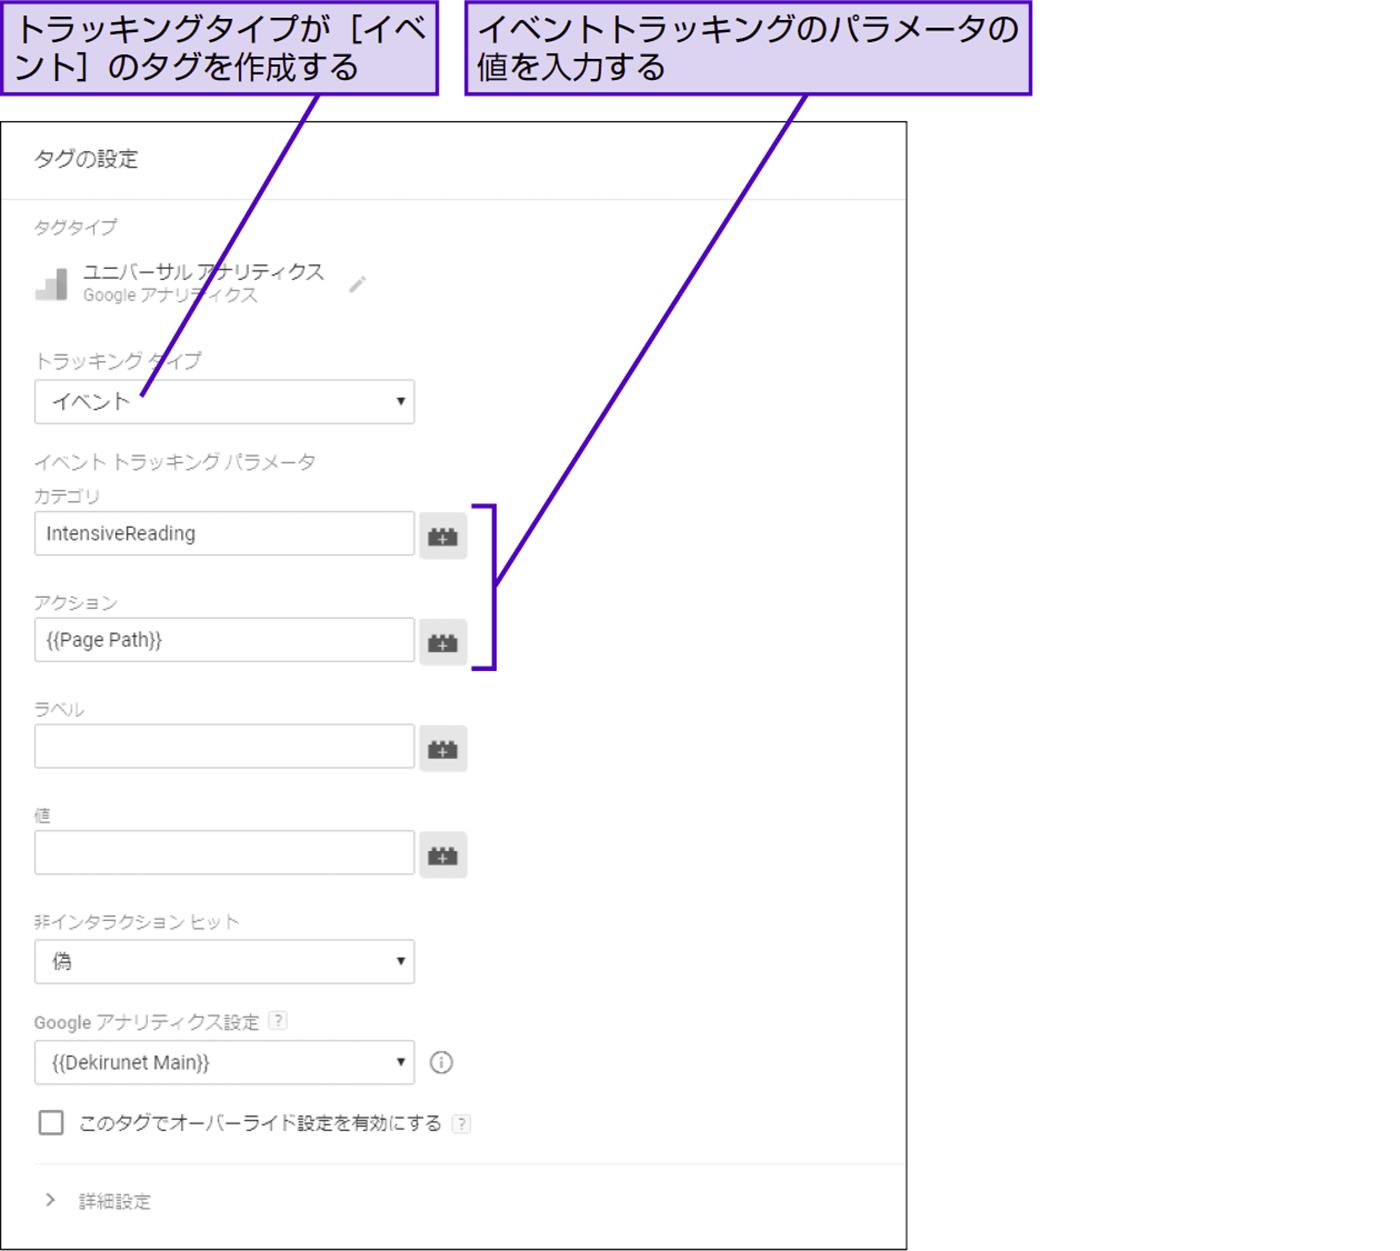 ページのスクロール位置と滞在時間で熟読率を計測する - できる逆引き Googleアナリティクス 増補改訂2版